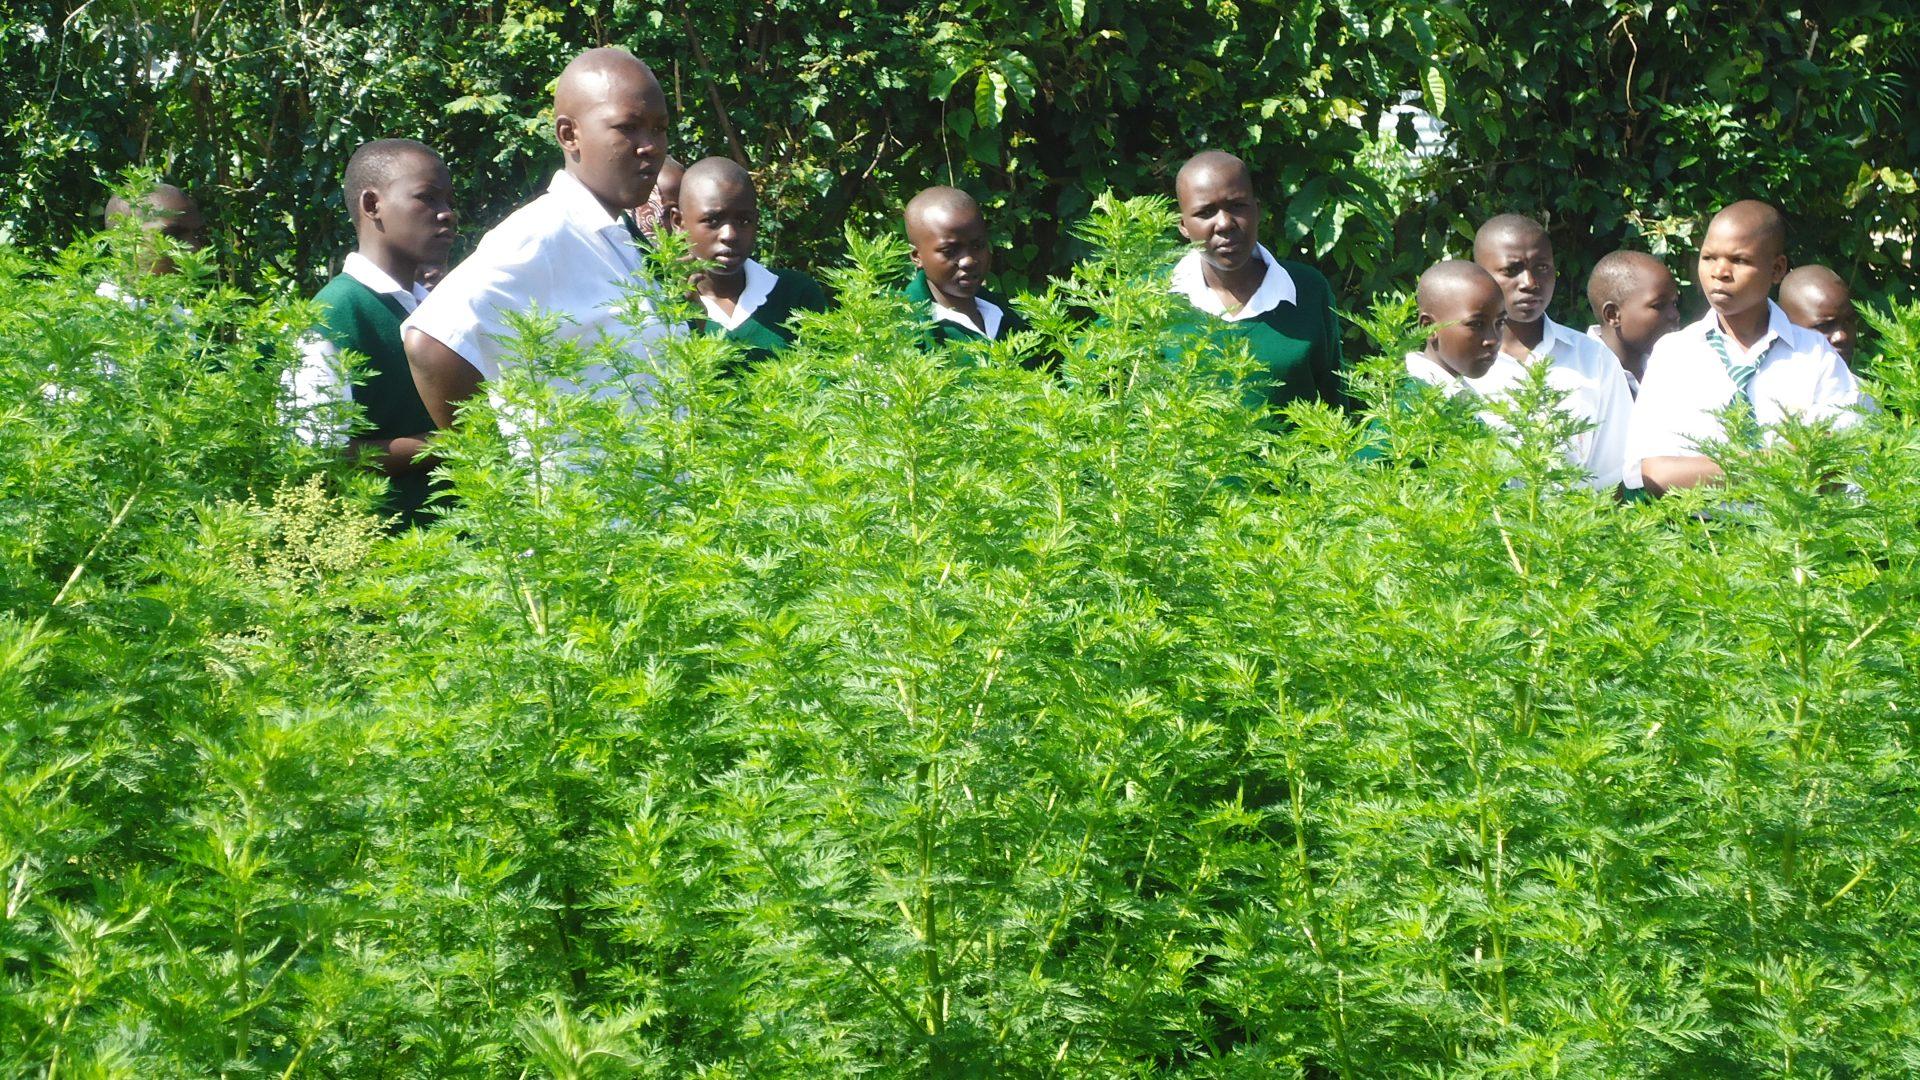 64. Promotion d'une éducation de qualité et une meilleure santé dans des écoles par la création de jardins scolaire et cantines scolaires